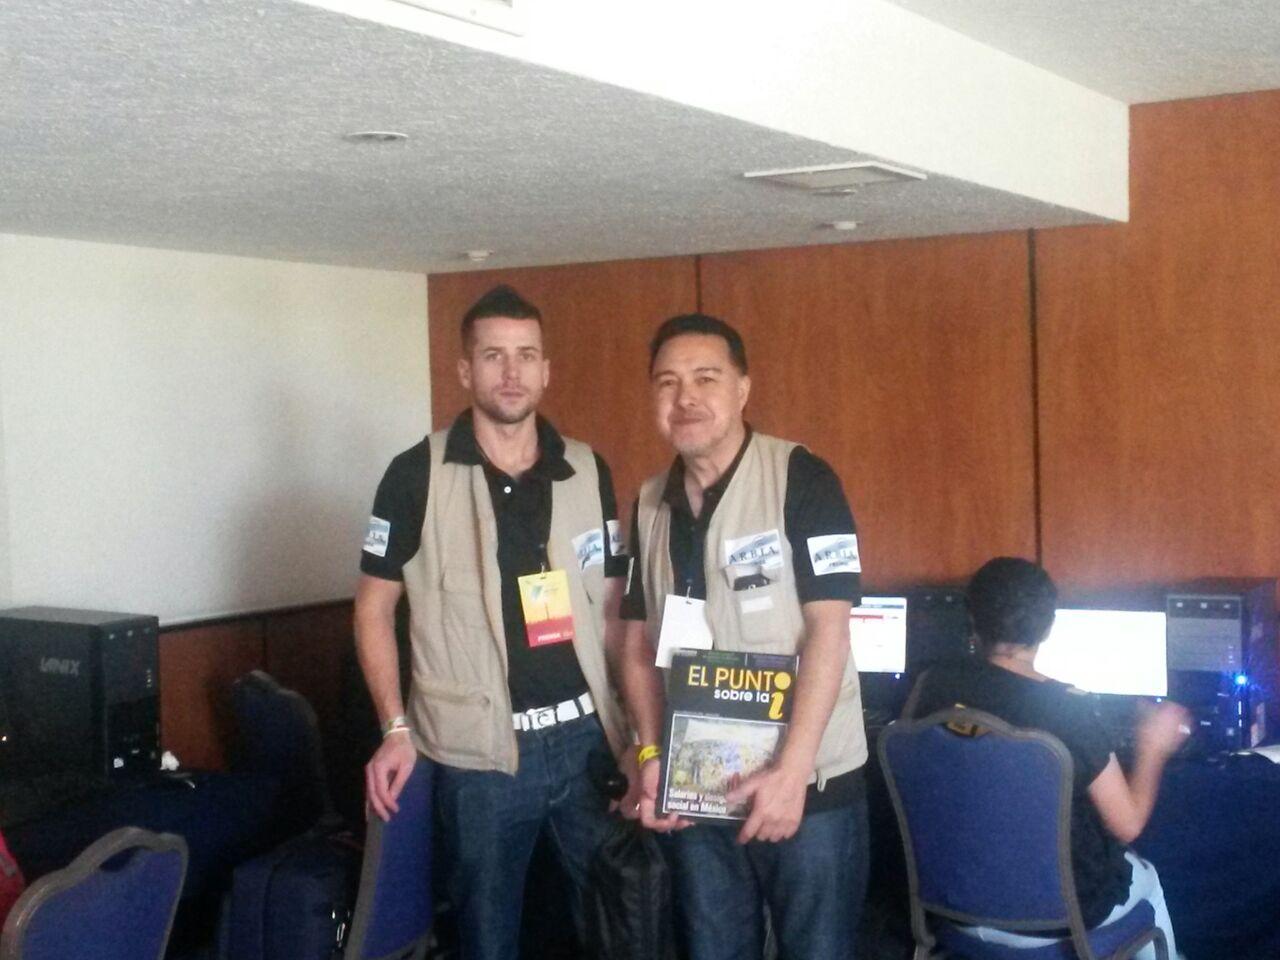 http://www.lacorameco.com.ar/imagenes/mex2.jpg